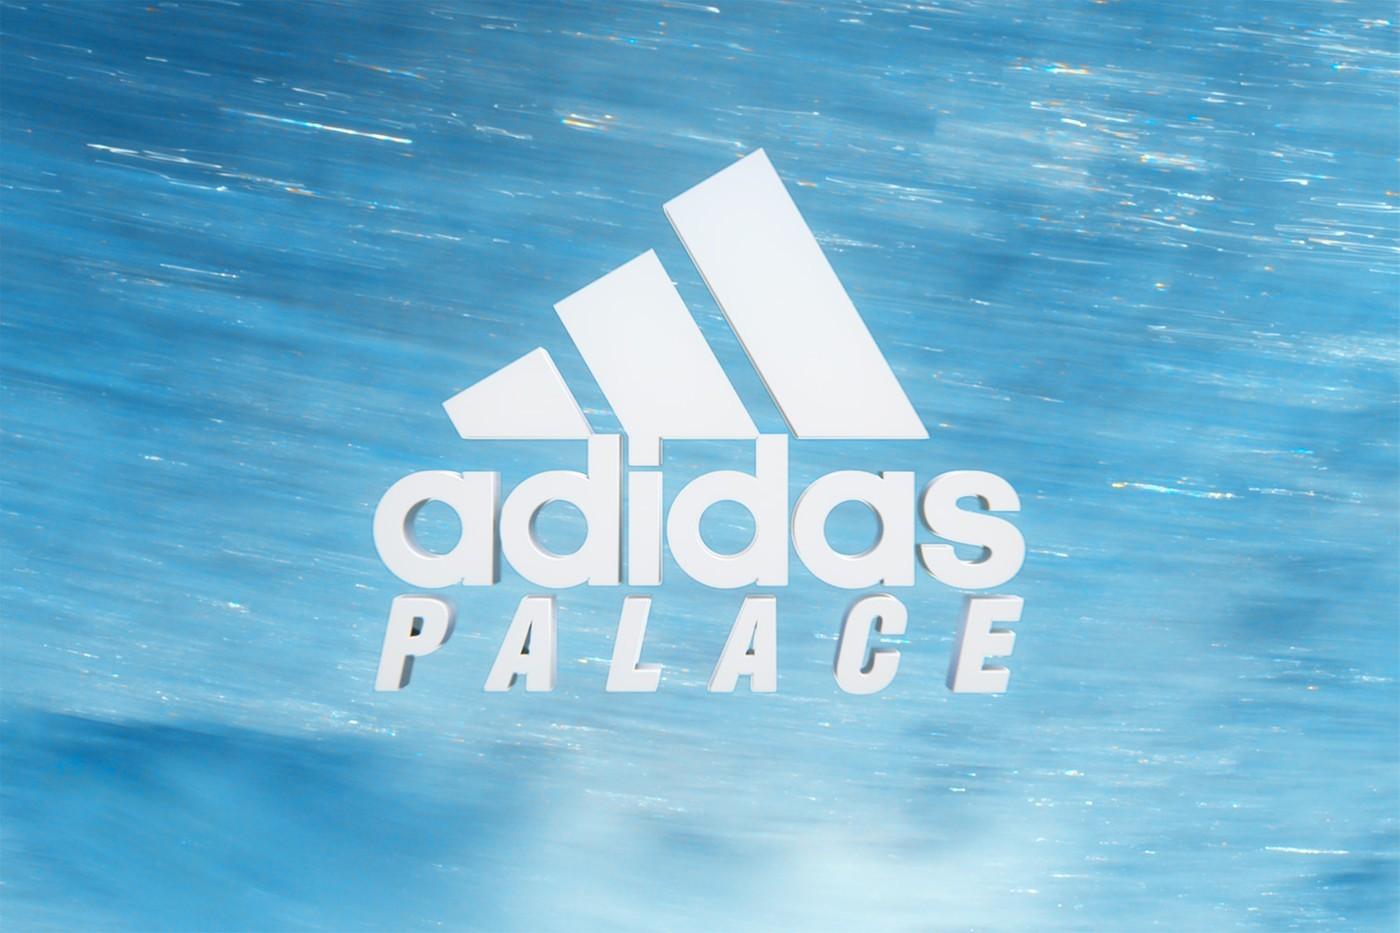 palace和adidas全新的Sunpal合作